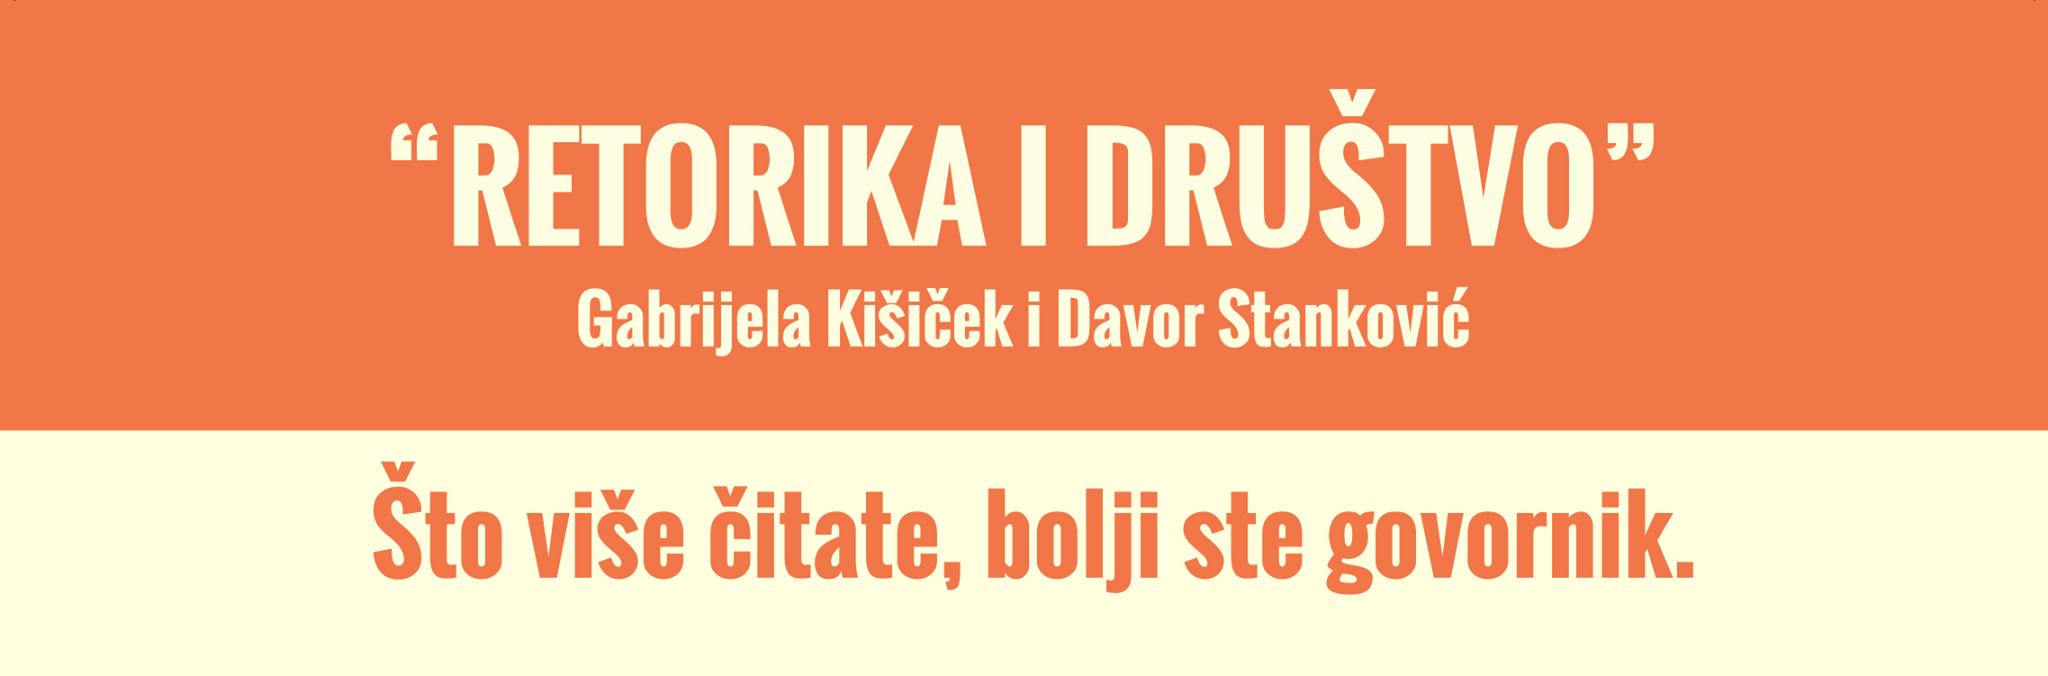 retorika_i_društvo